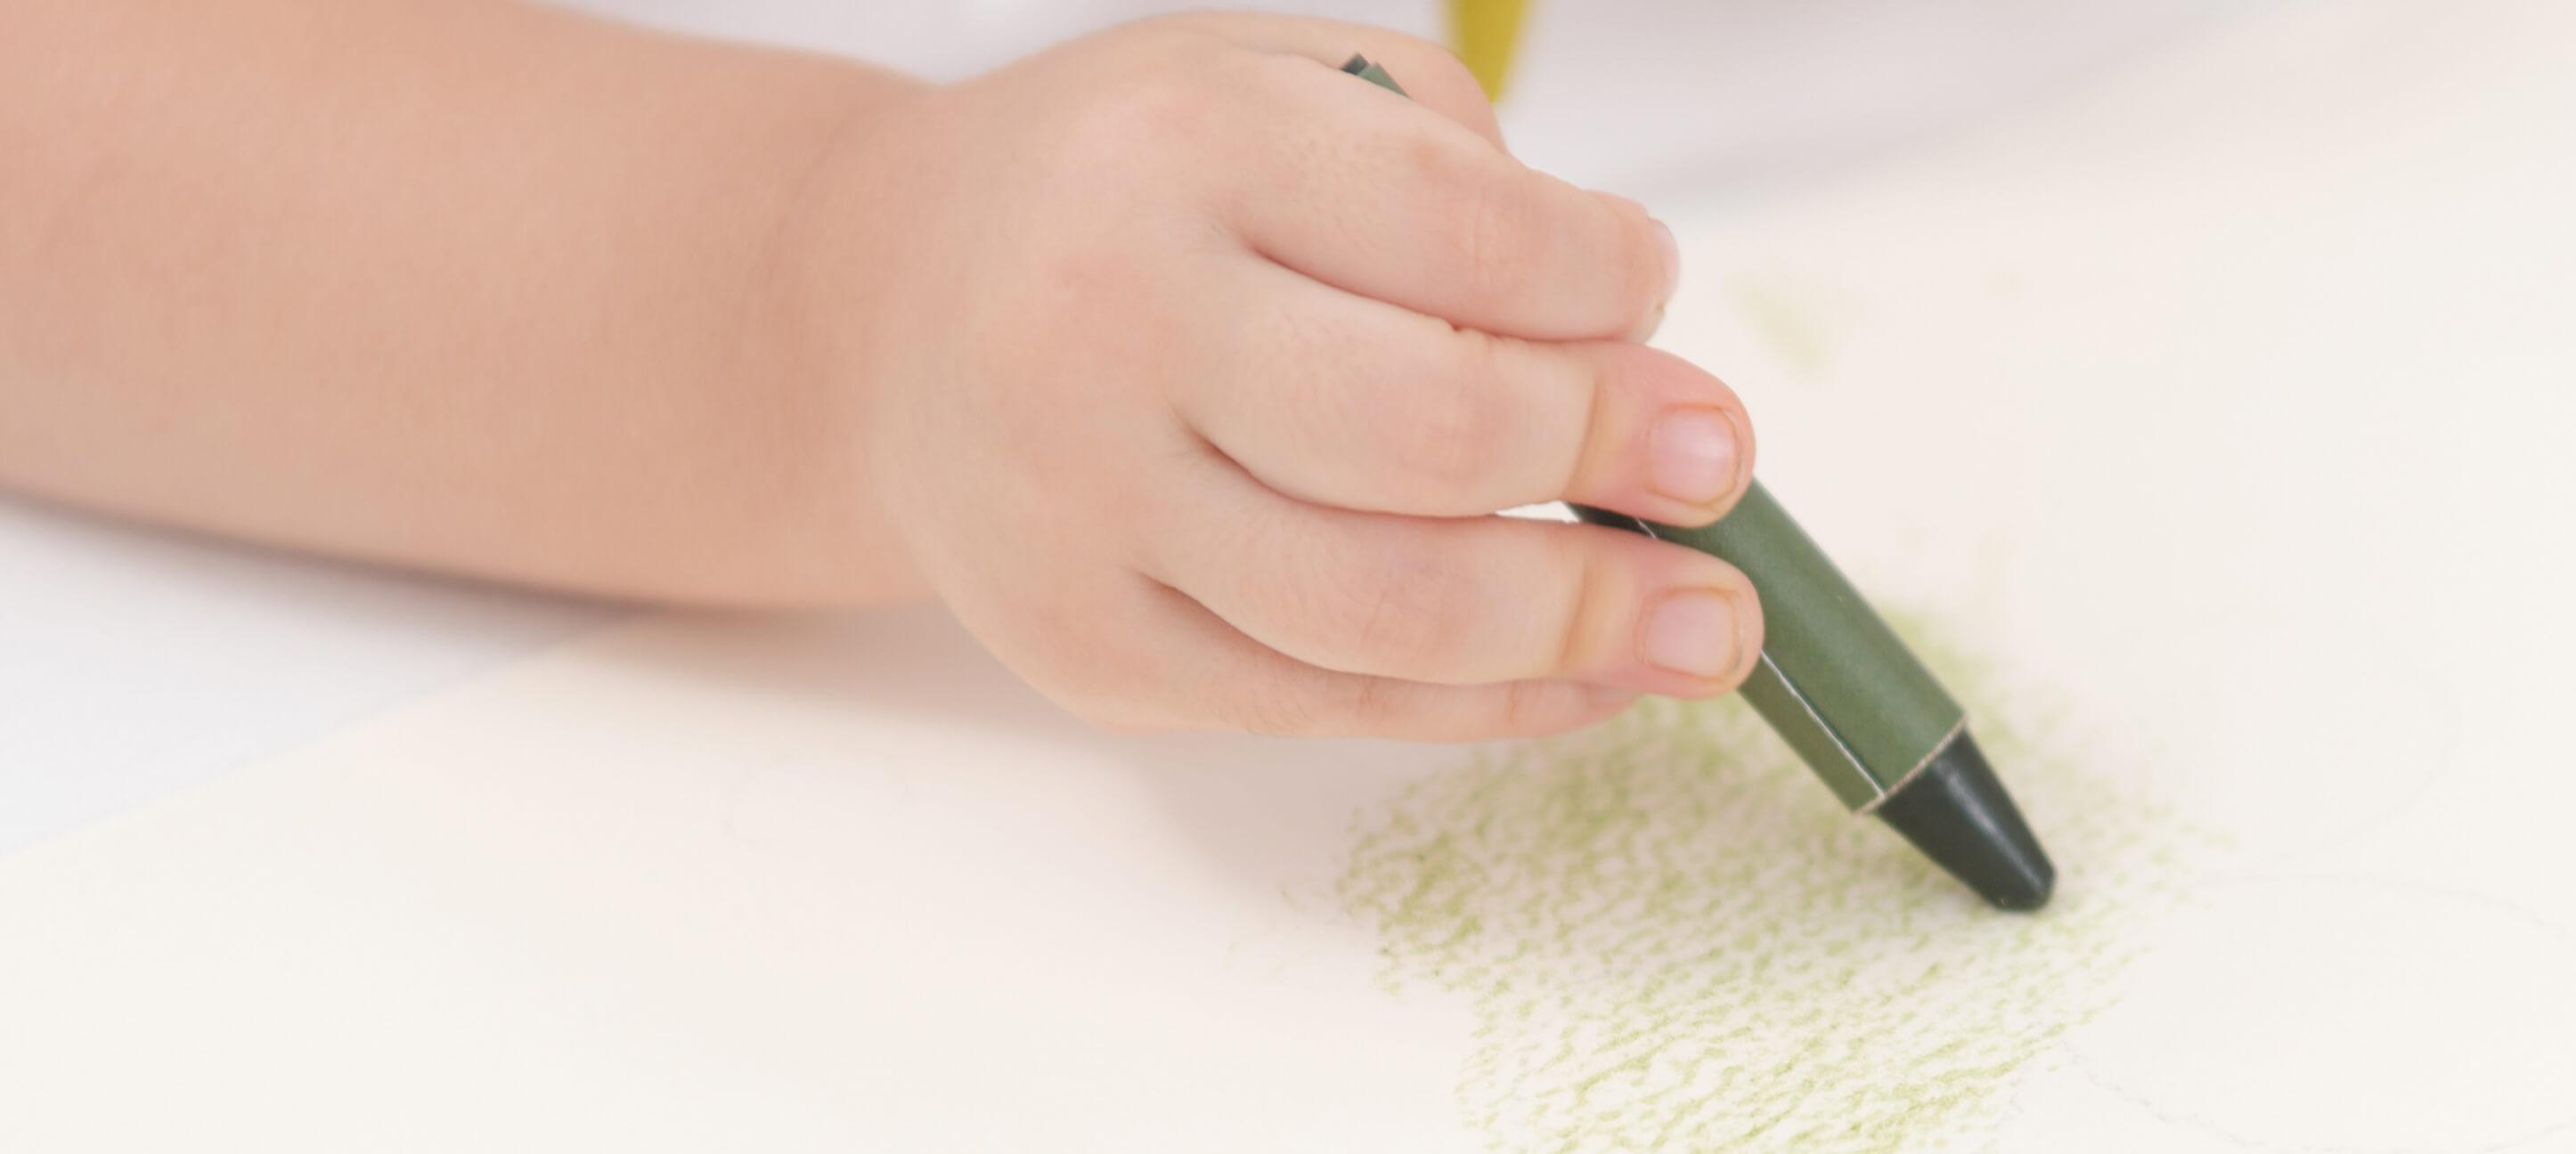 おやさいクレヨンでお絵描きをする子どもの手のスライド画像